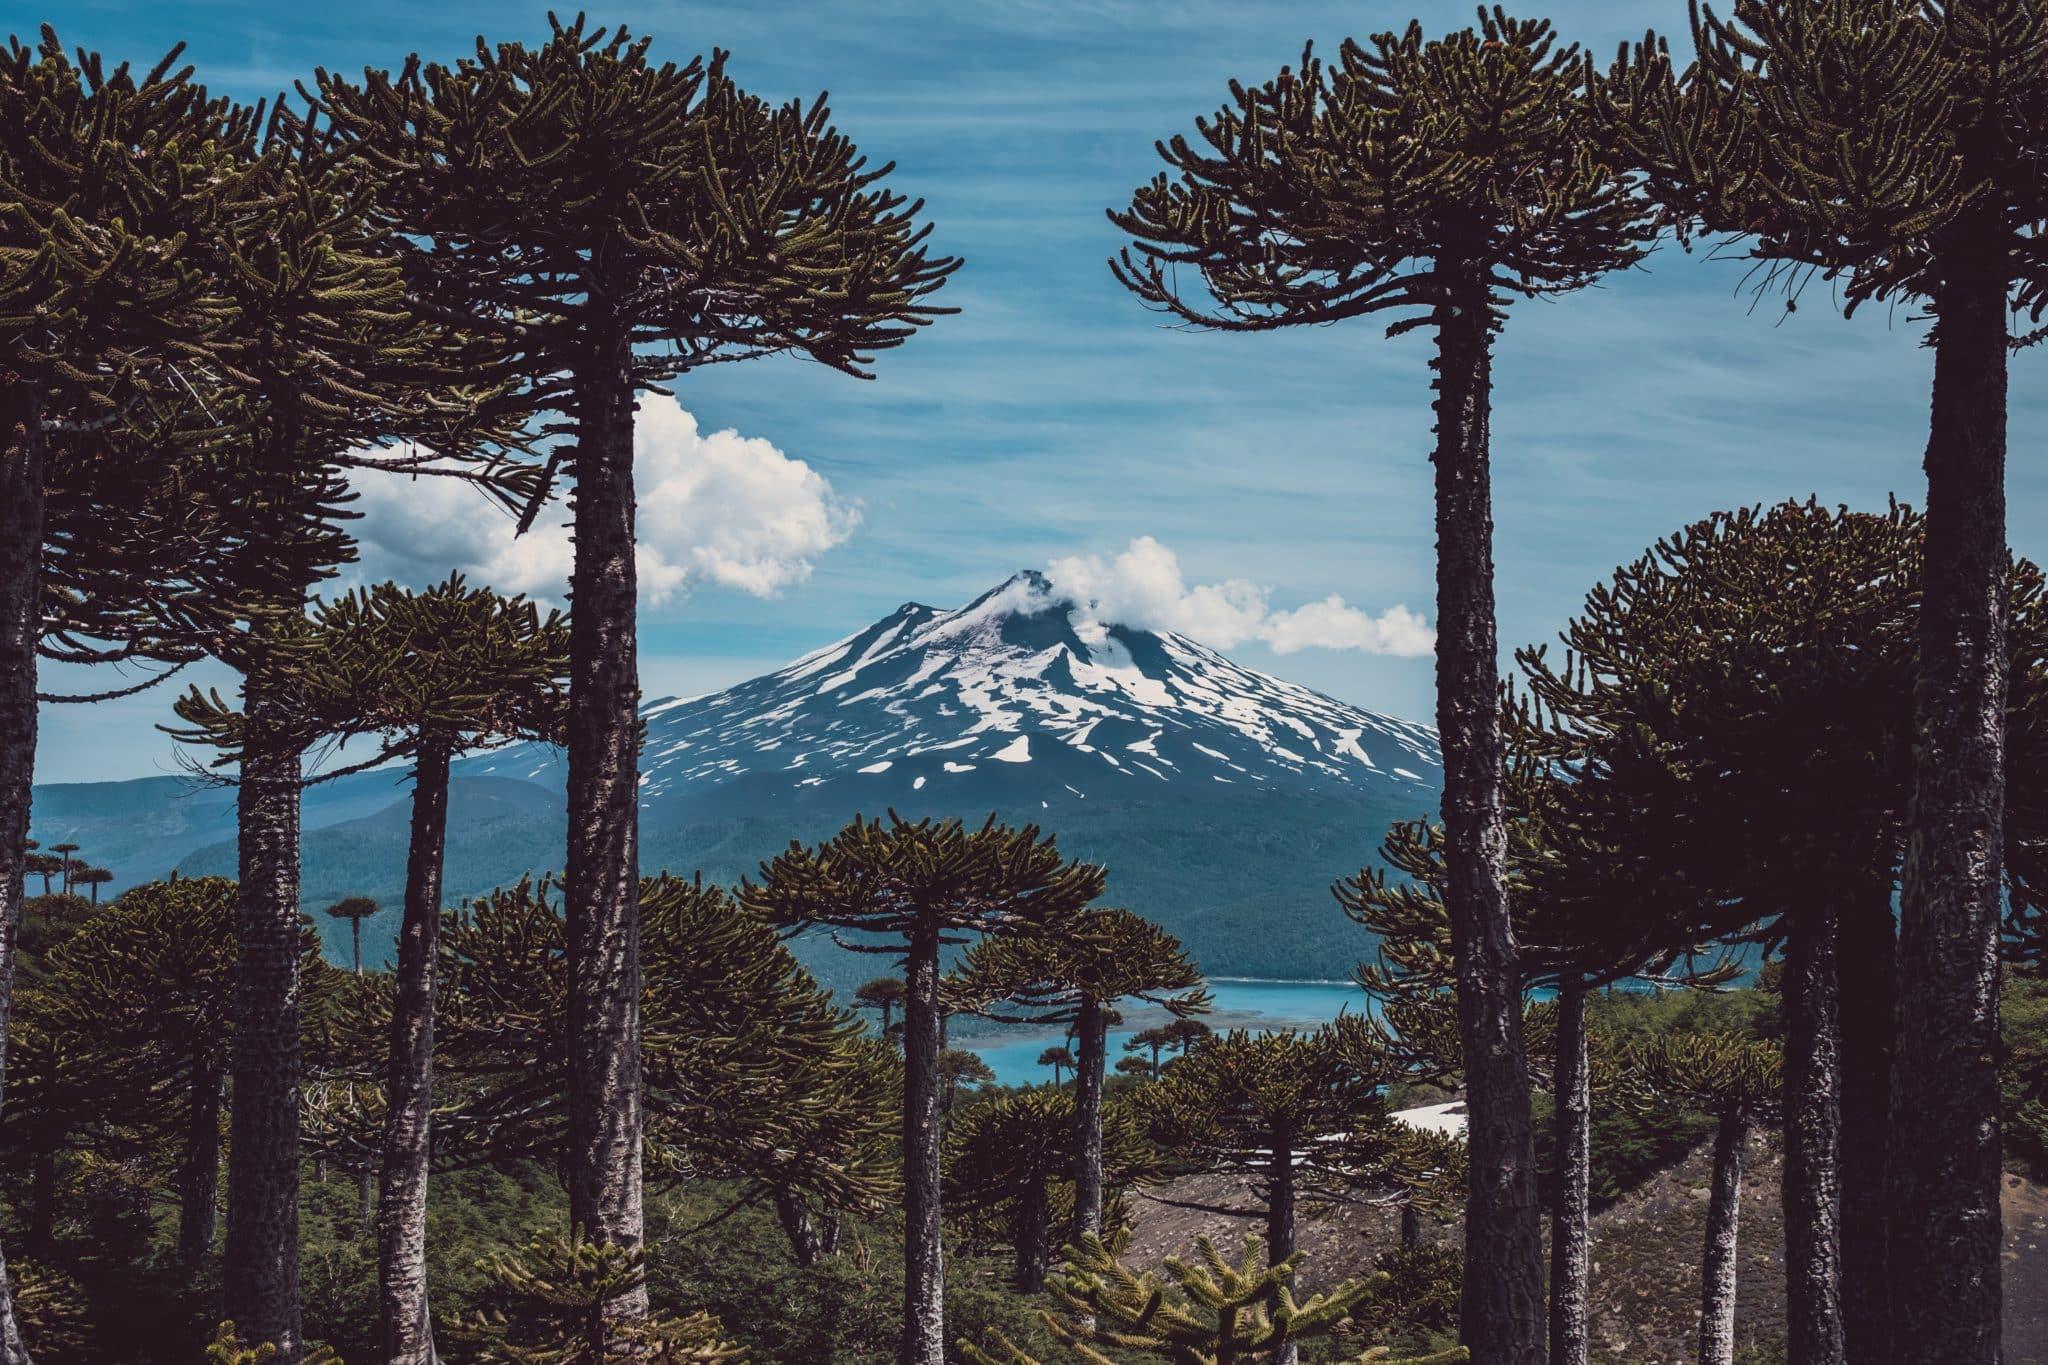 au coeur du parc Conguillio au Chili en araucanie, vue sur des araucarias millénaires